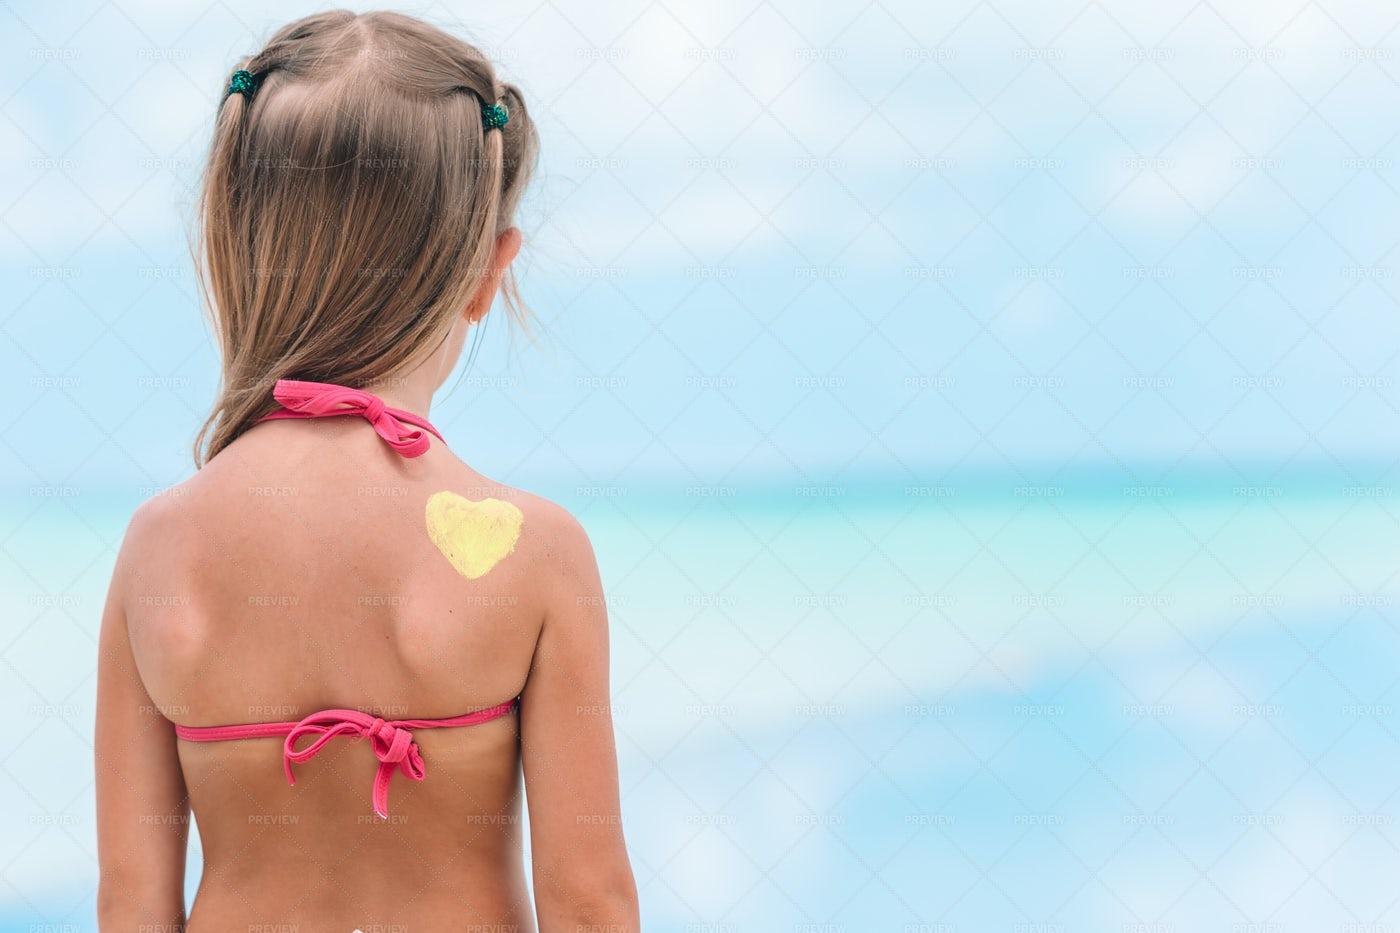 Love Of The Beach: Stock Photos